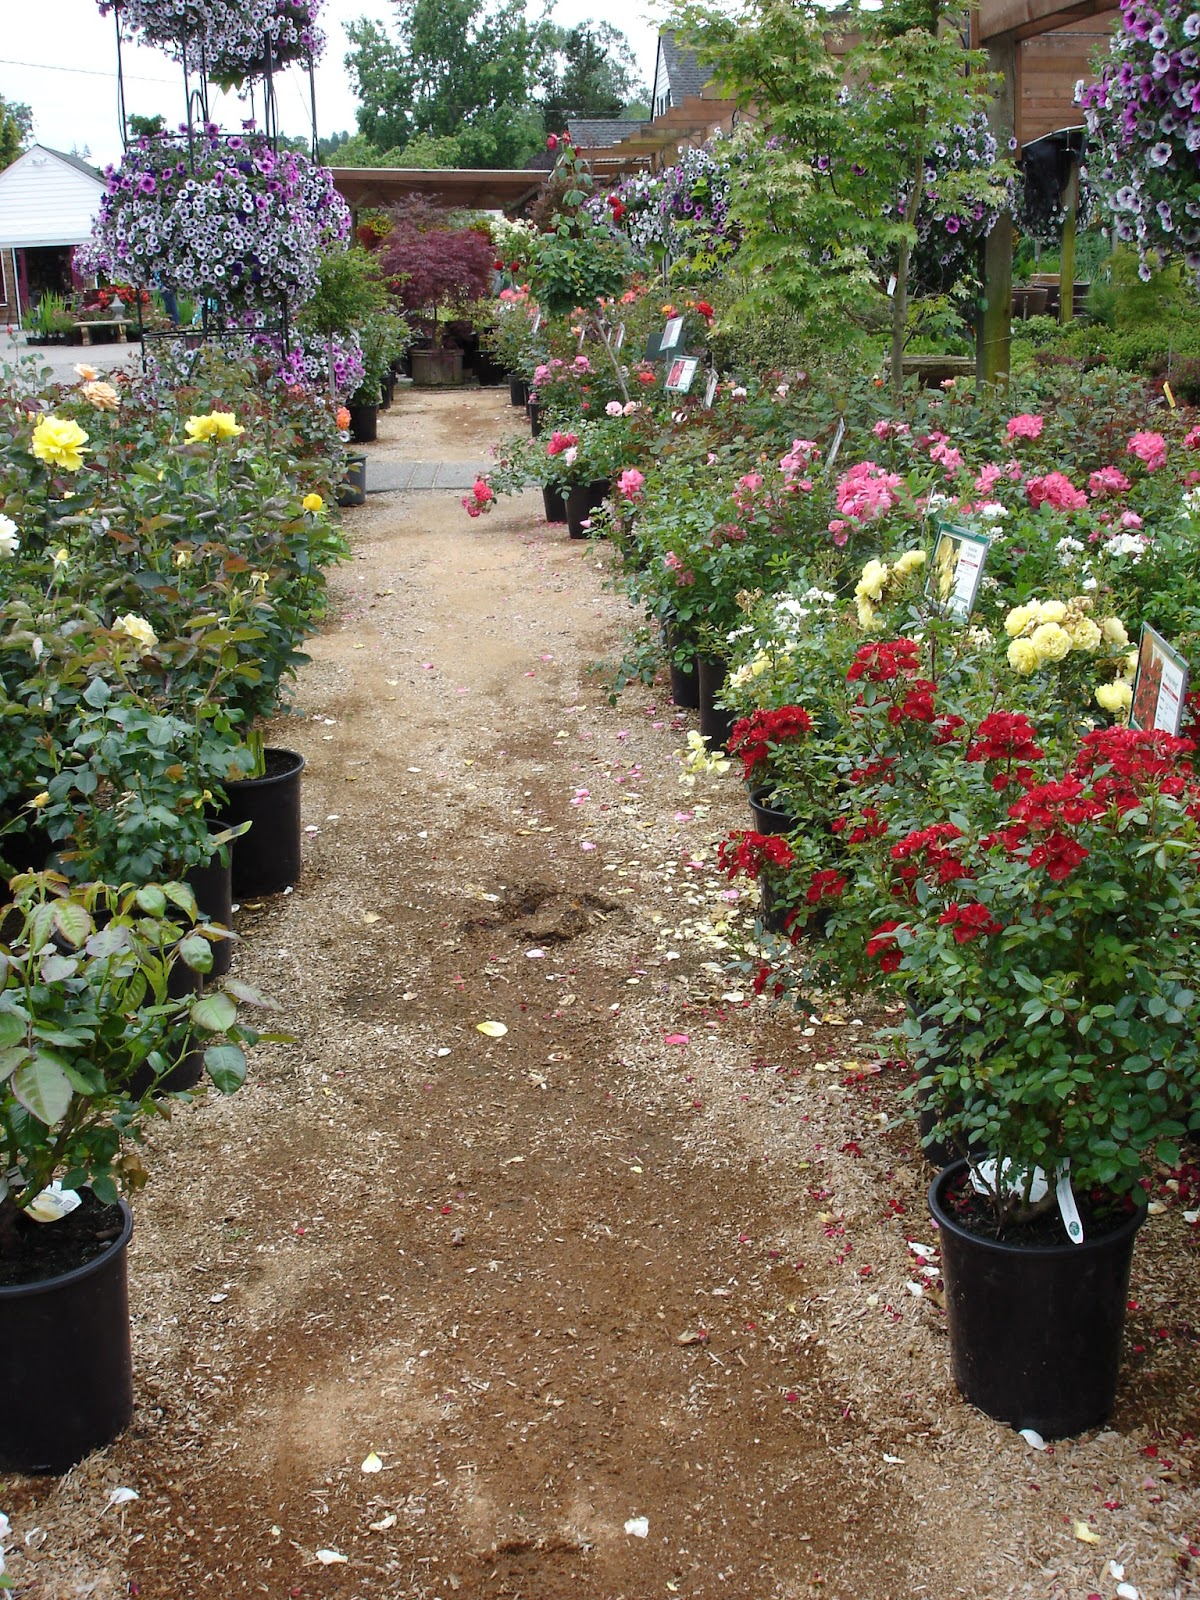 The Outlaw Gardener: Vassey Nursery - A family affair